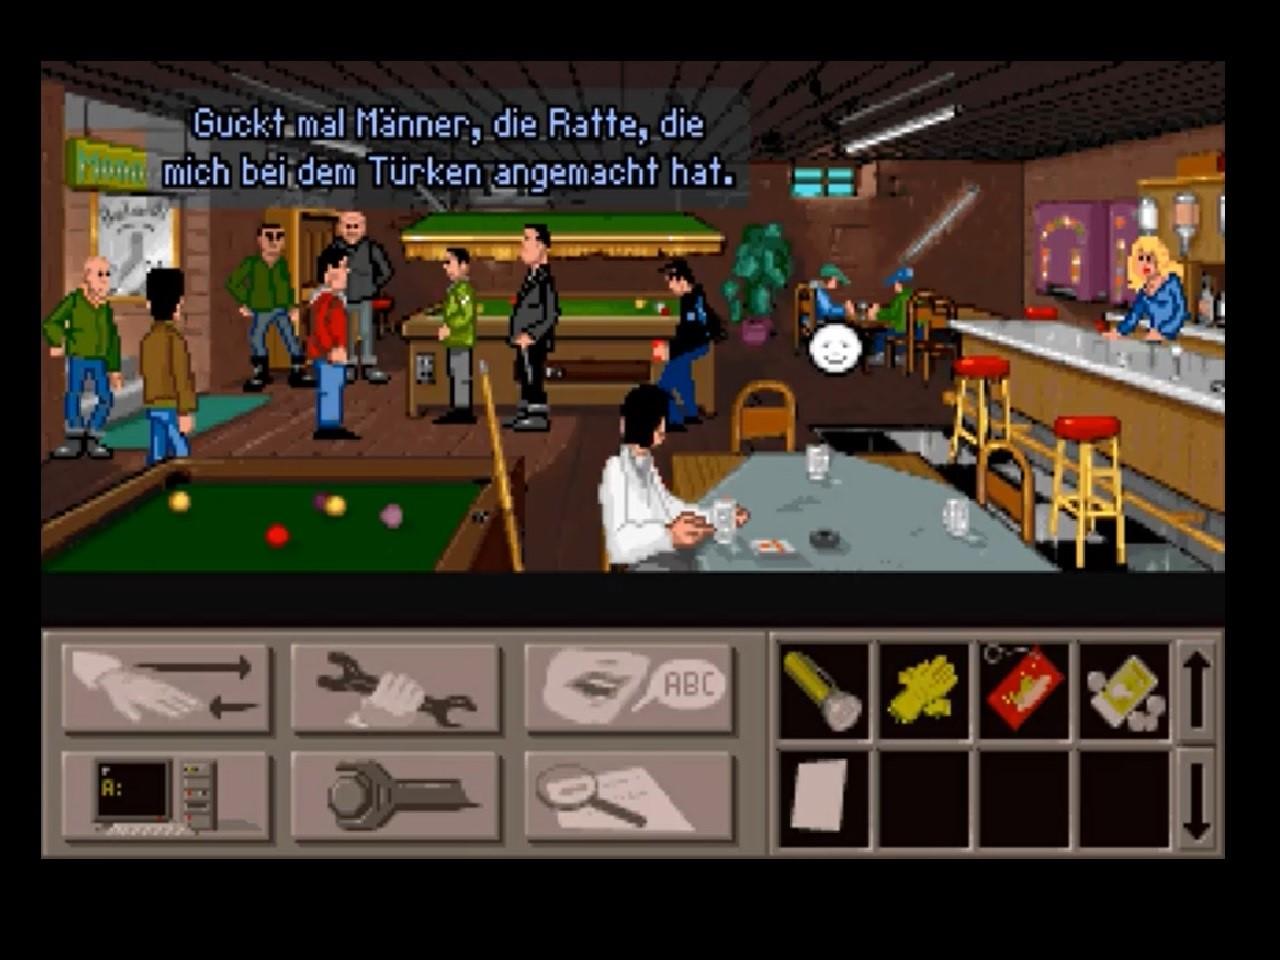 """Ein Screenshot aus """"Dunkle Schatten"""". (Bild: Christian Gehlen)"""